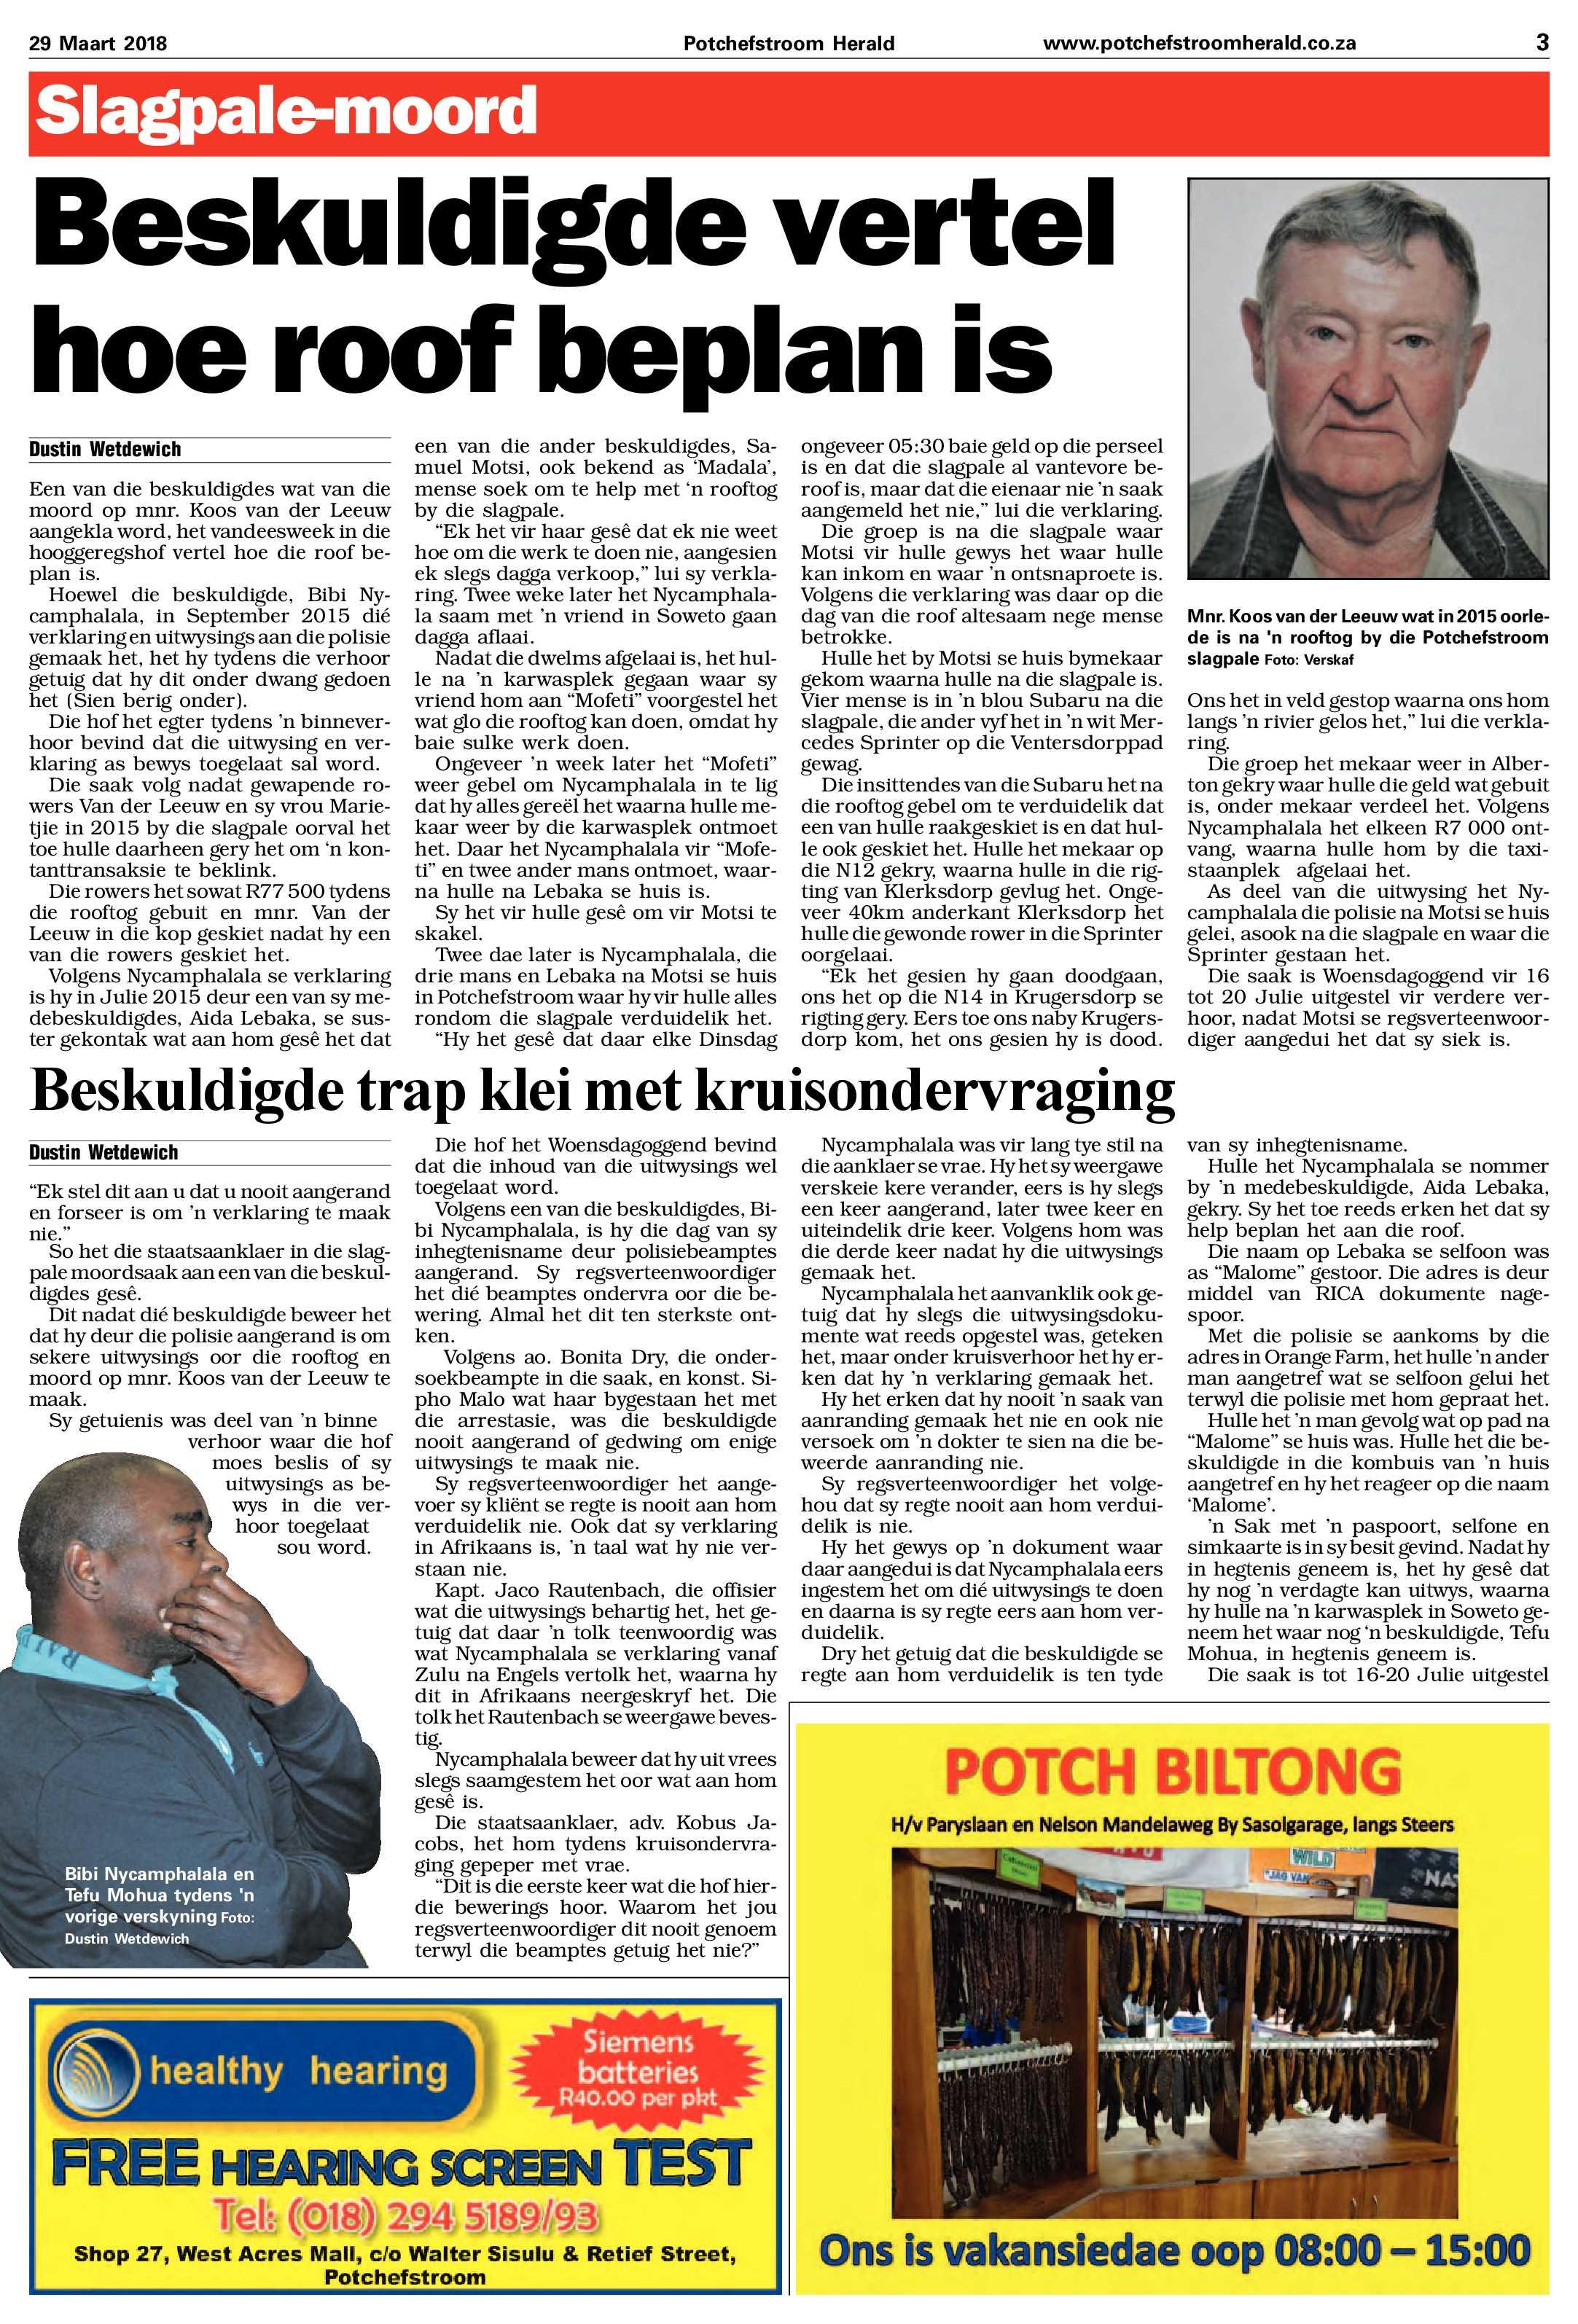 29-maart-2018-epapers-page-3